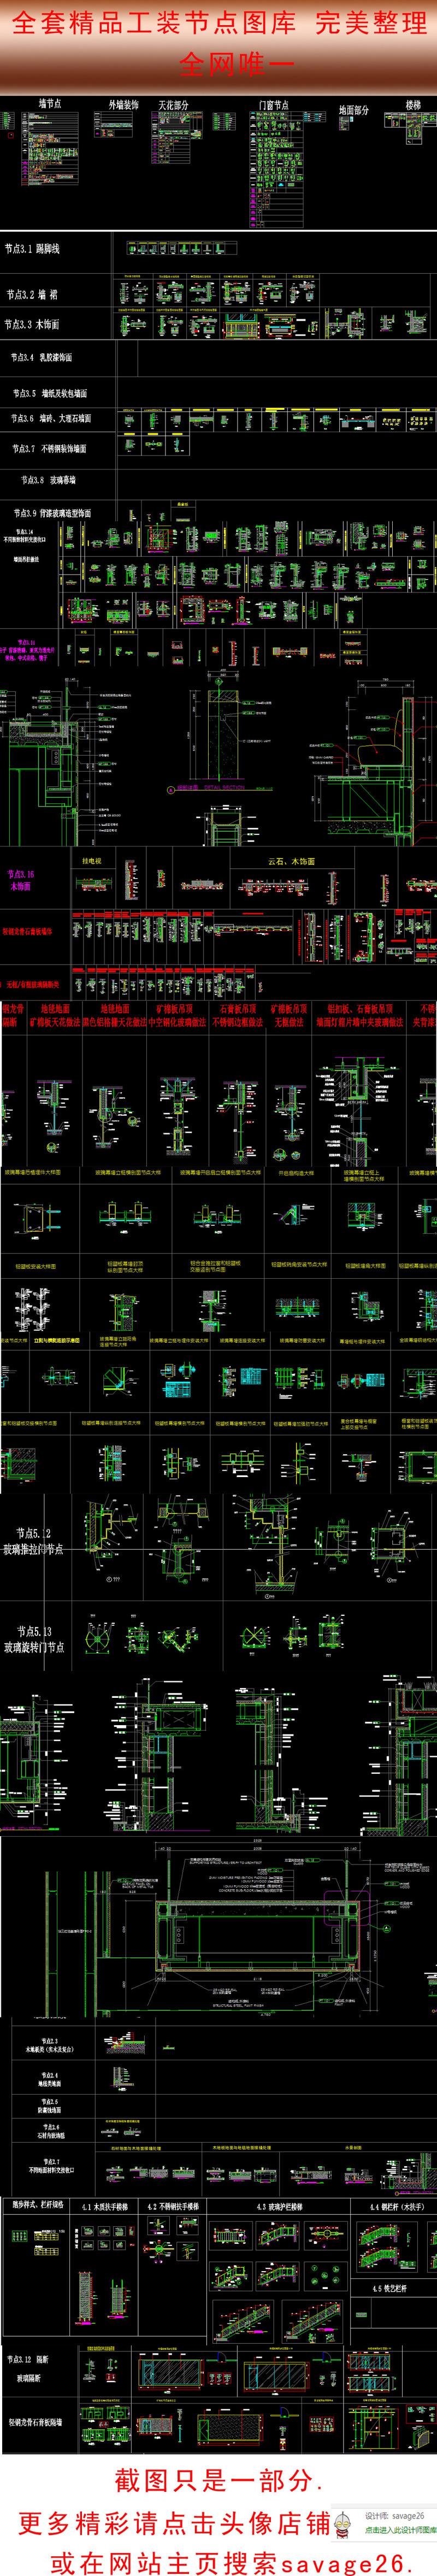 原創全套精品工裝節點圖庫(完美整理)-版權可商用